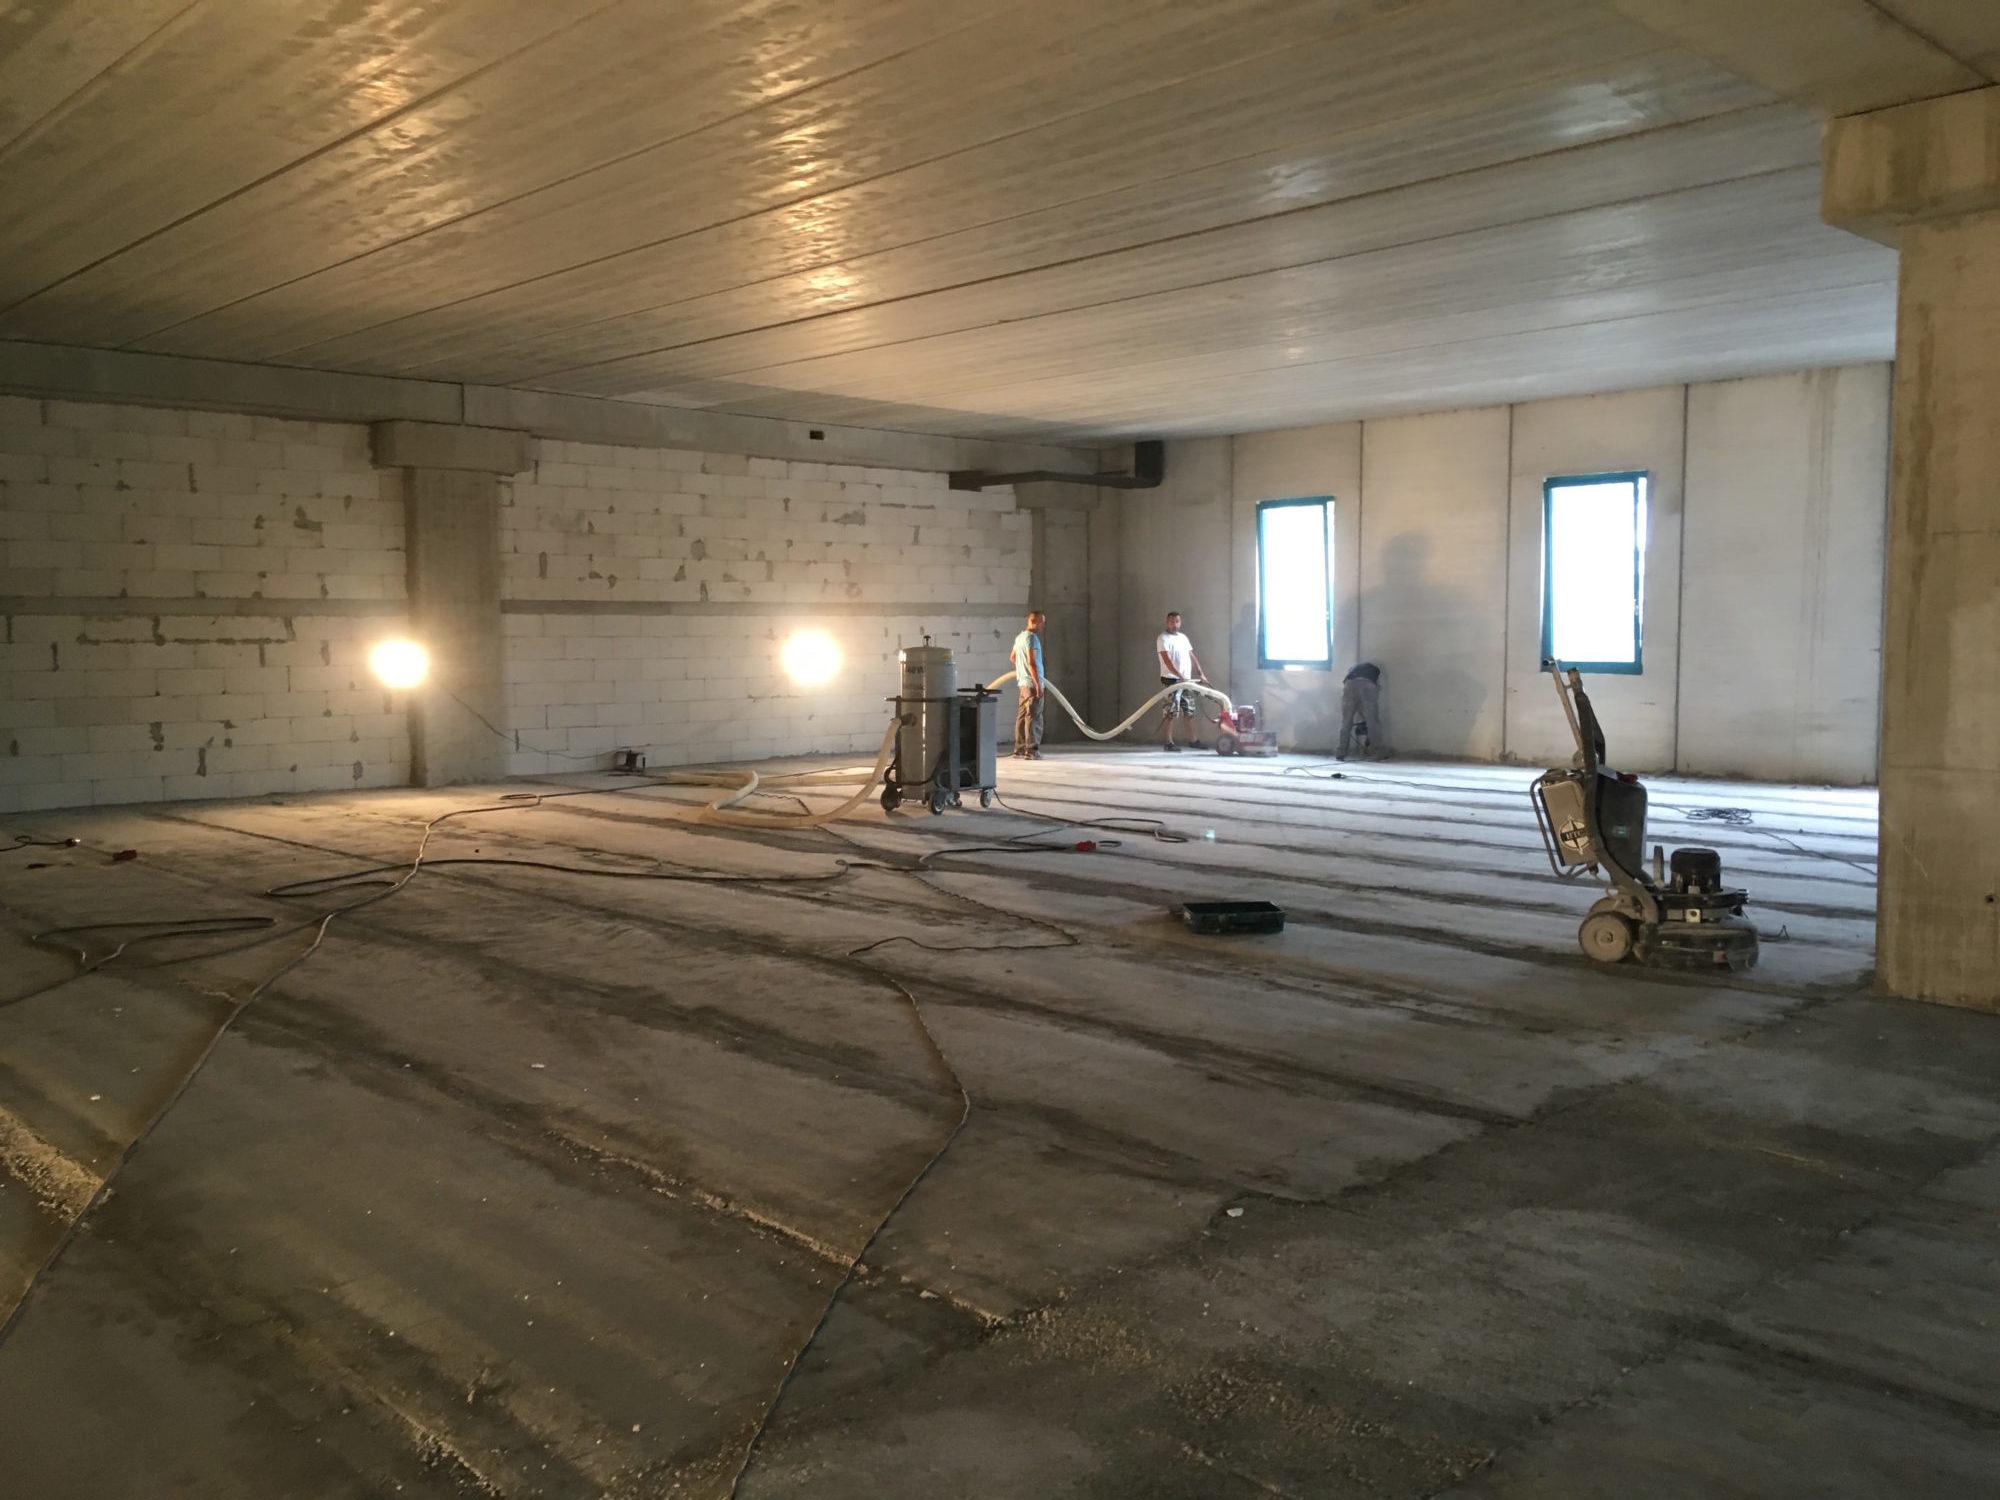 brušenje betona, niveliranje